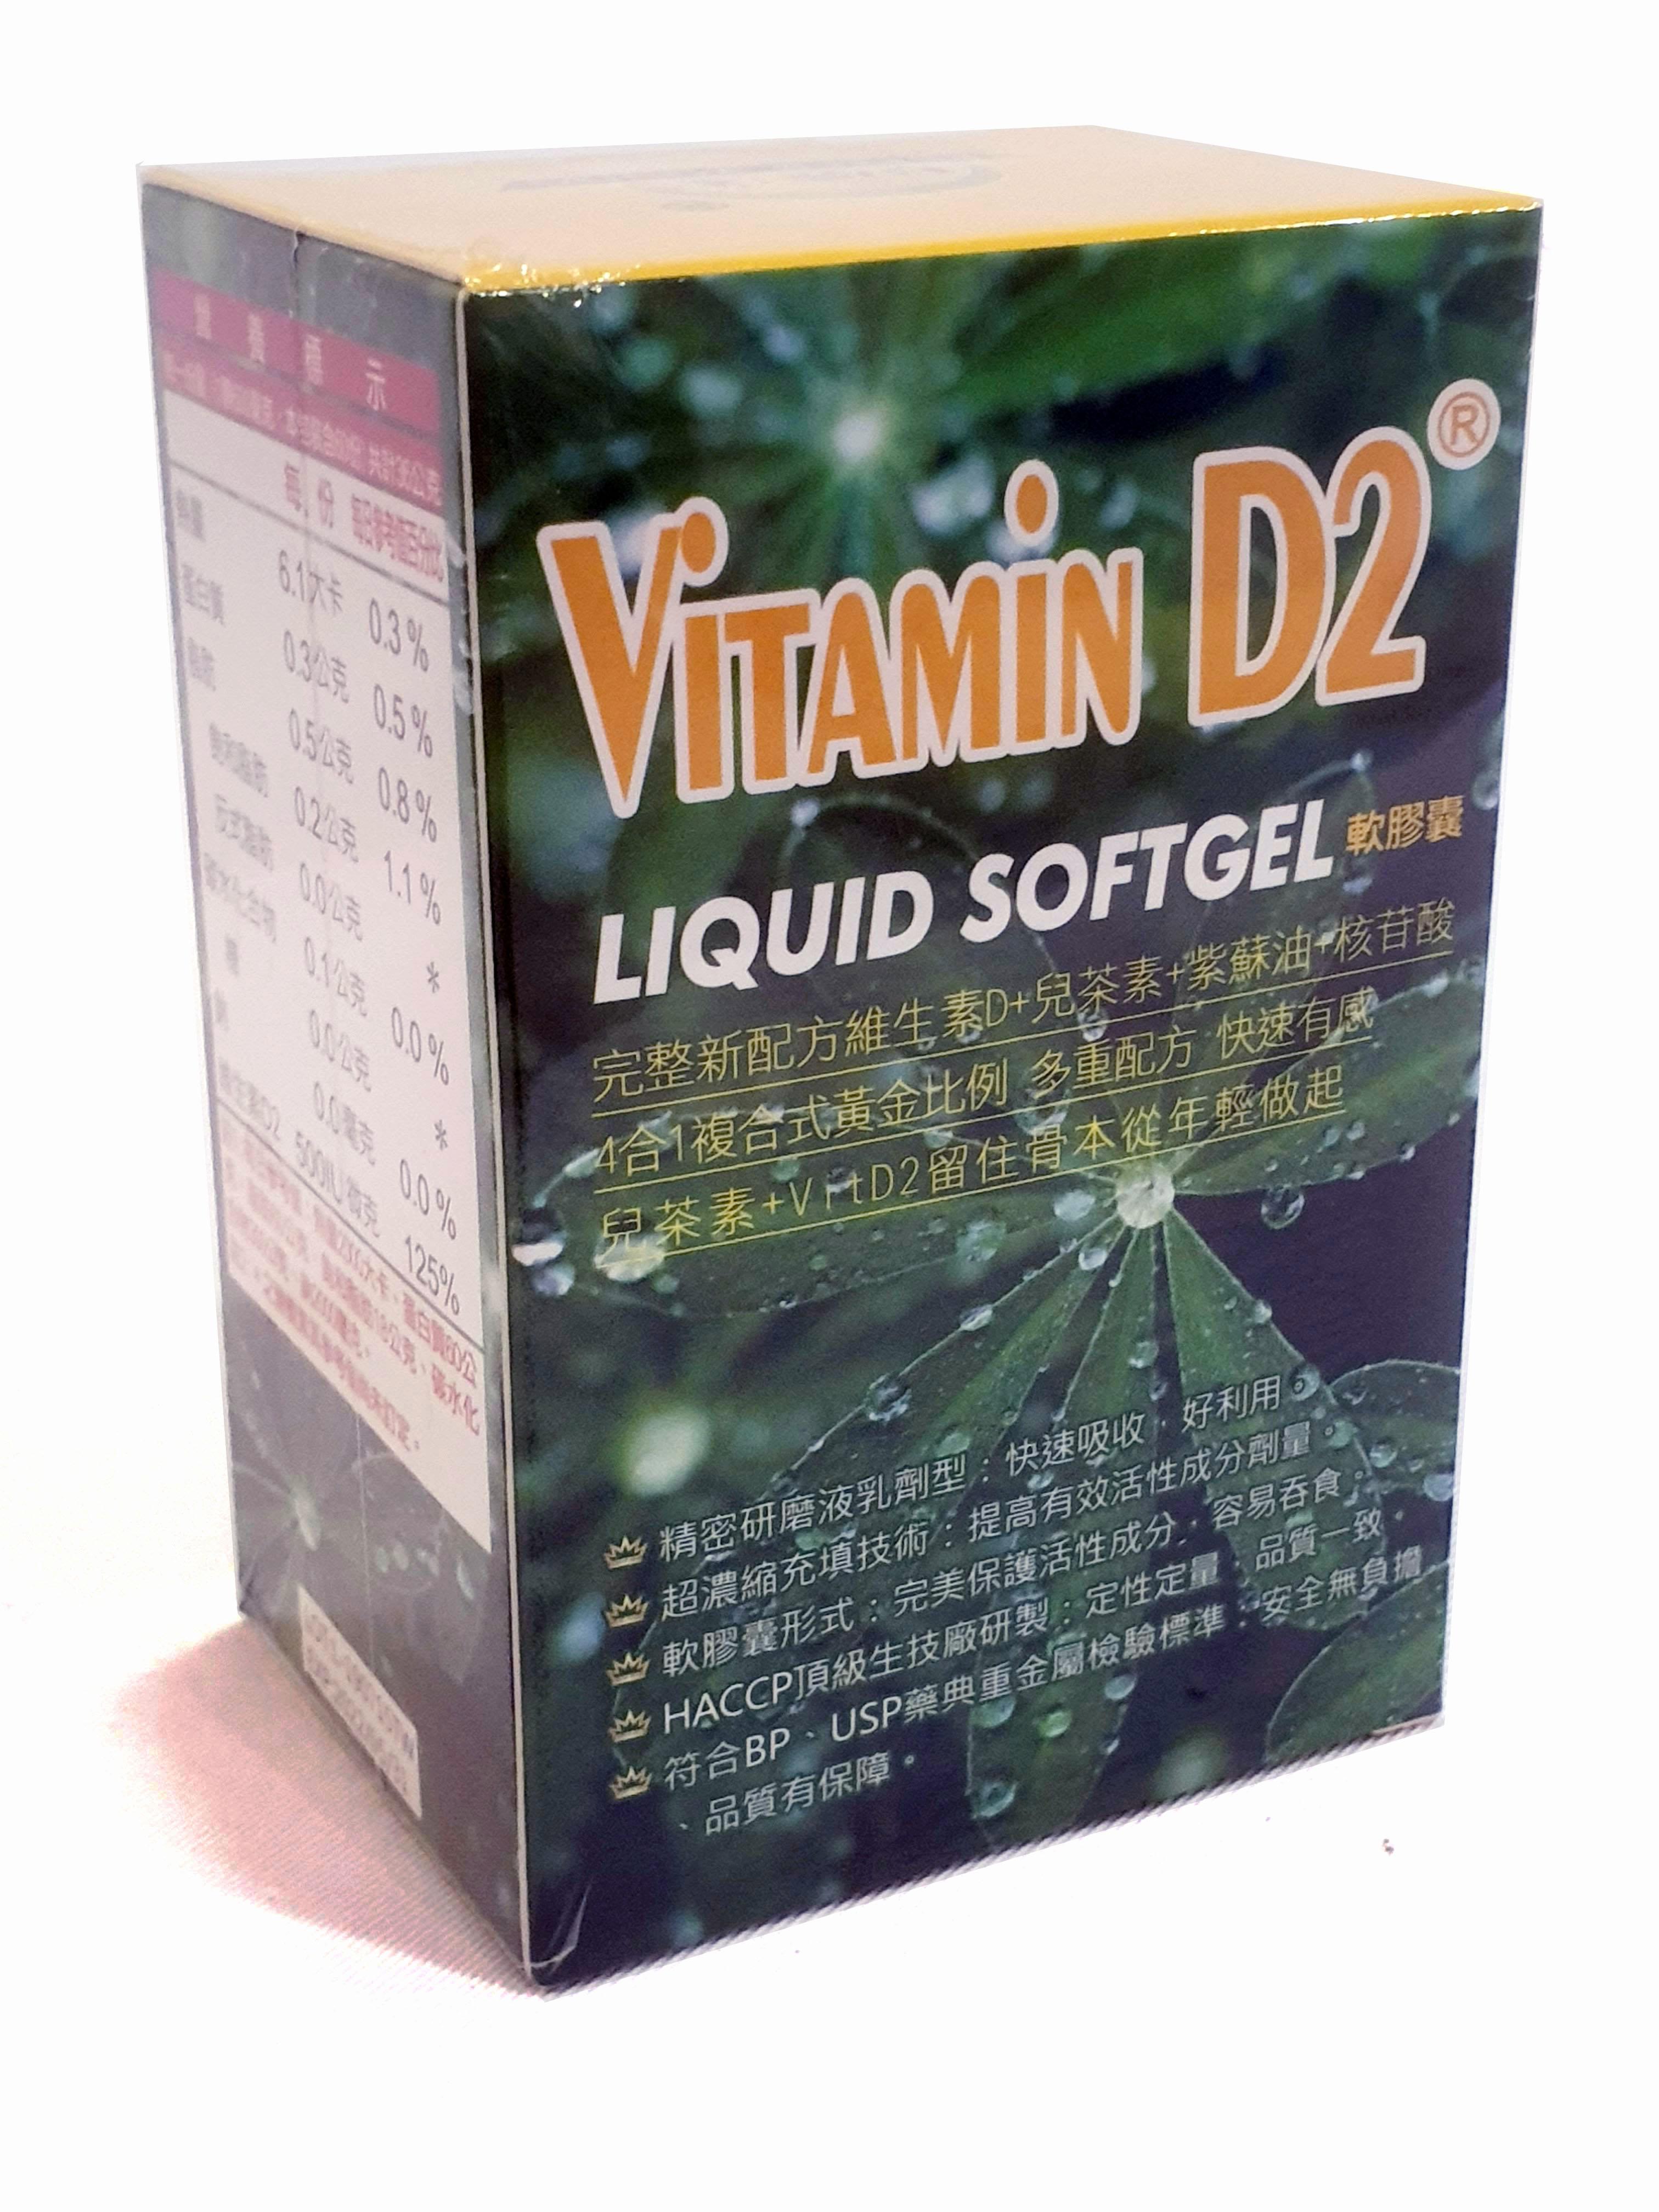 貝特漾 液態螯合維生素D2軟膠囊 60顆/盒 (保健食品/日本製造) 買二送一